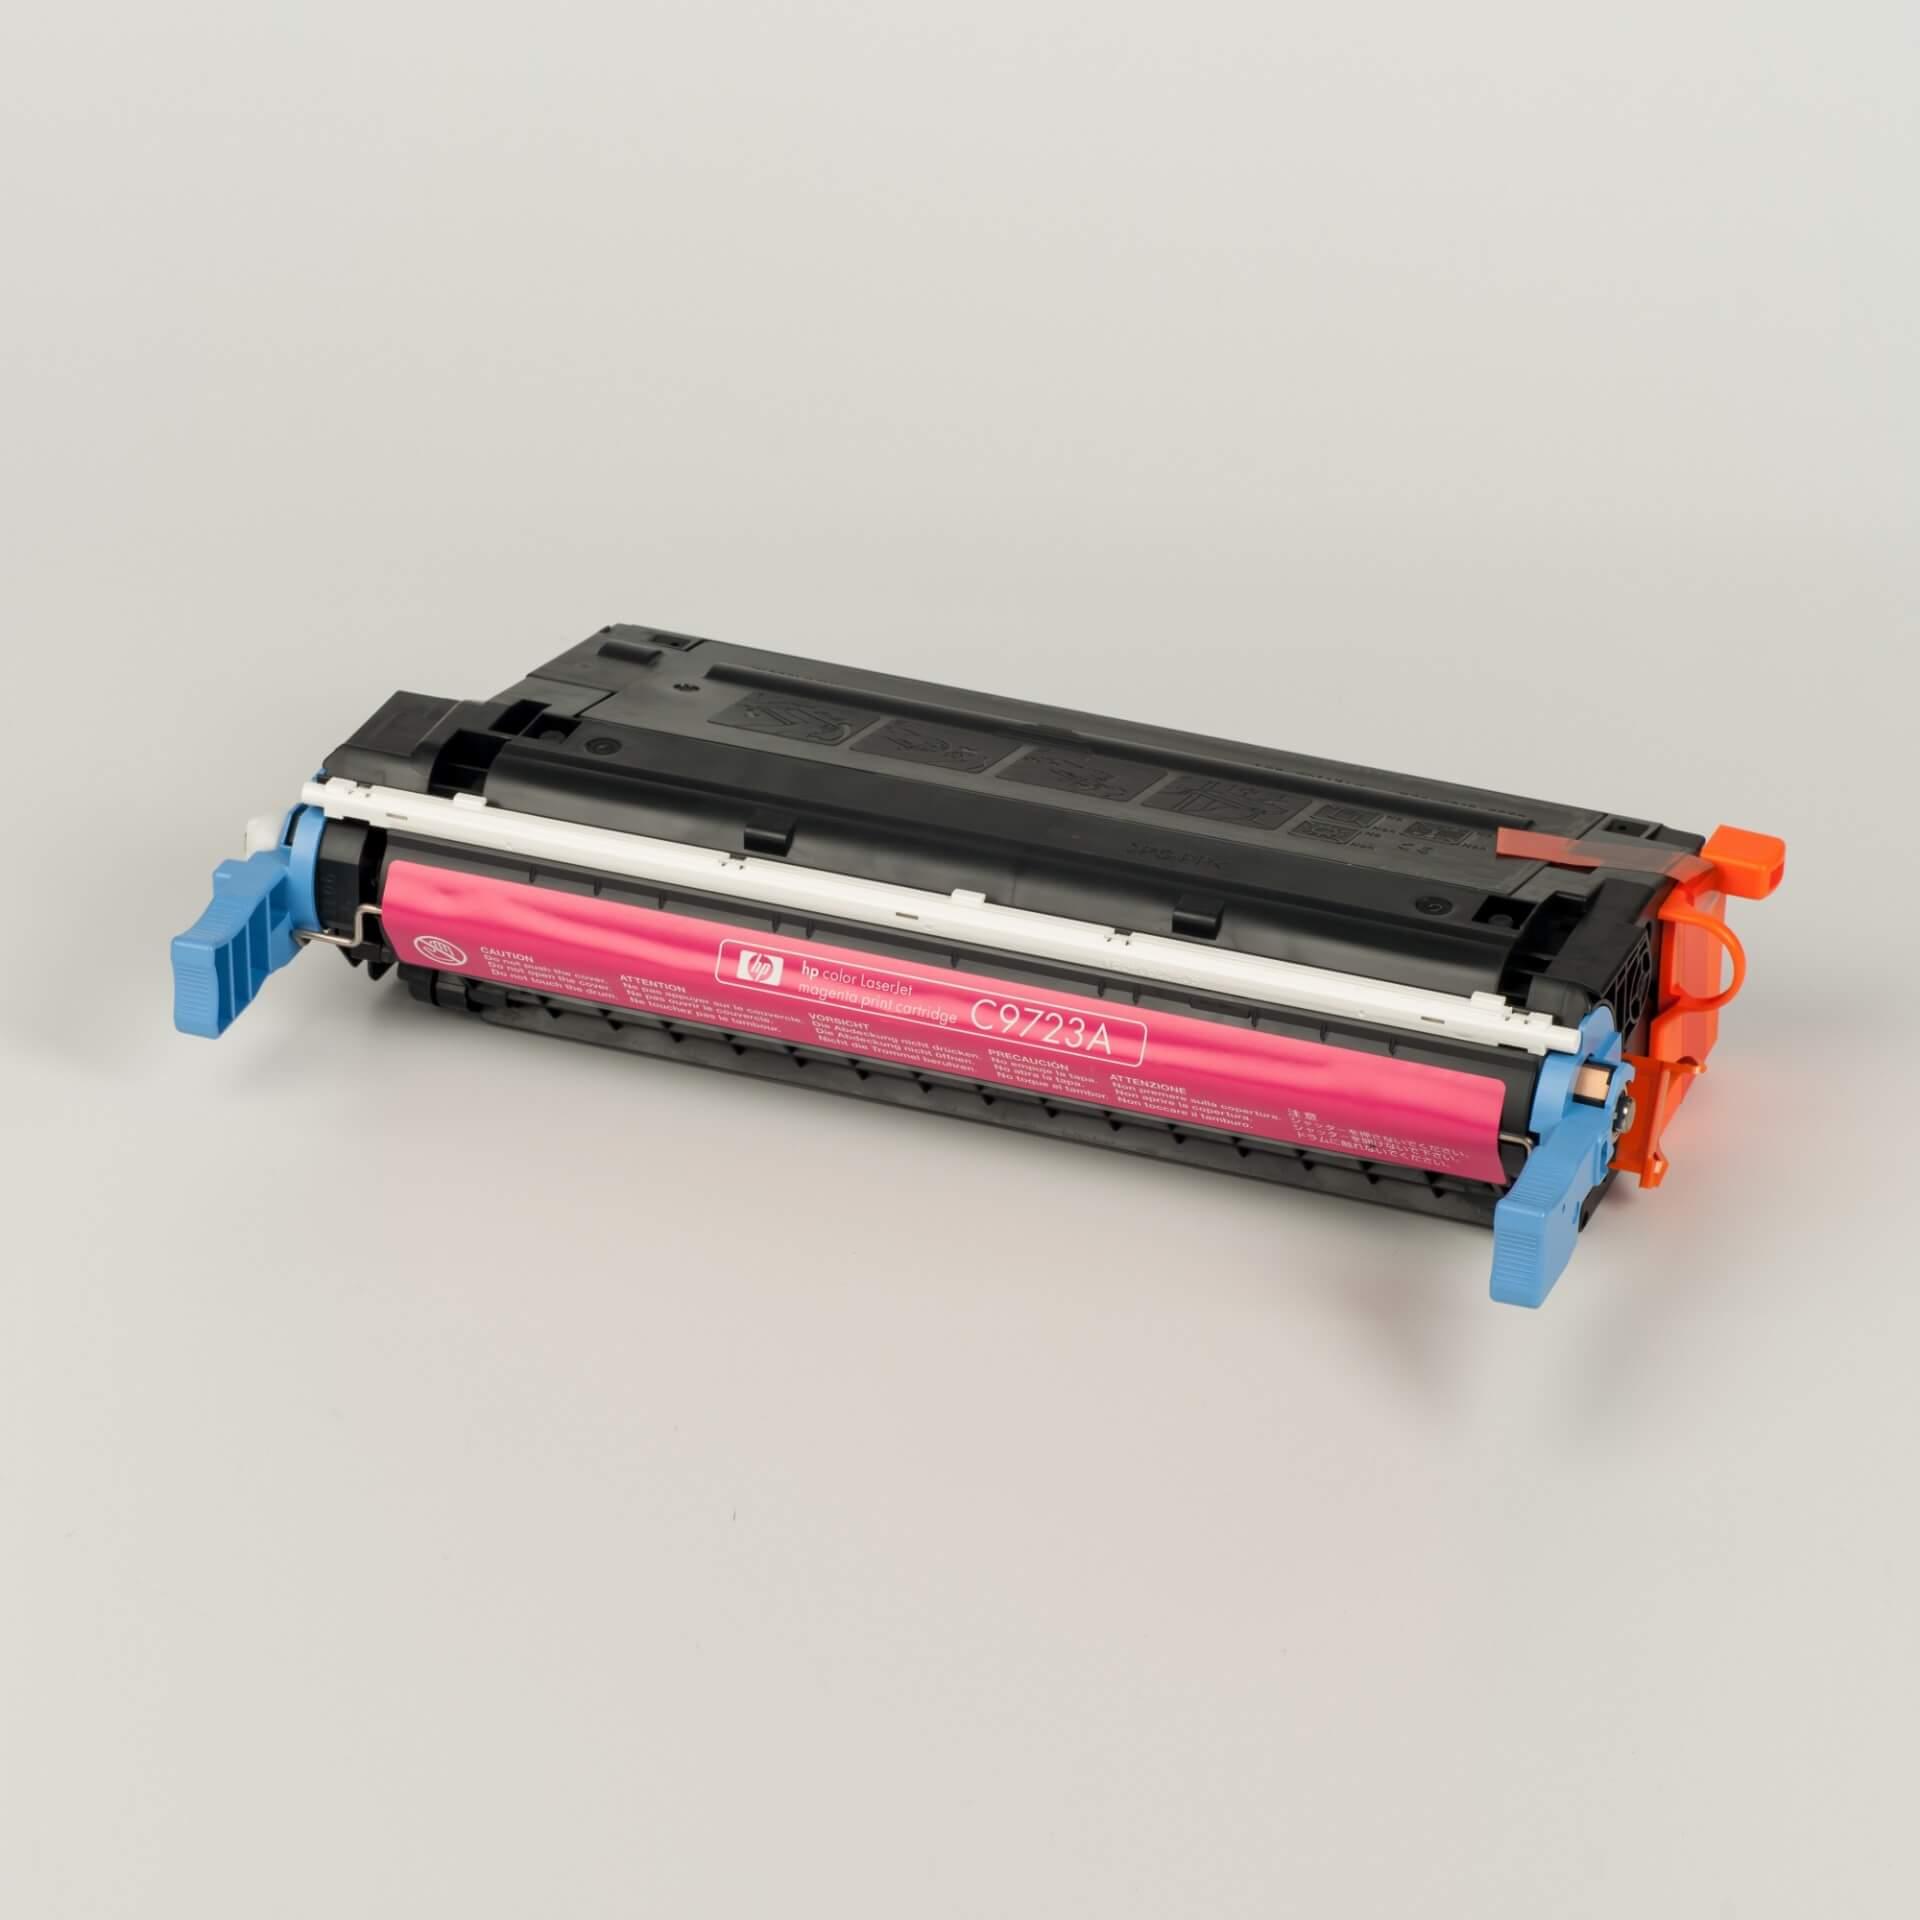 Auf dem Bild sehen Sie eine HP 641A (C9723A) Rot Original Tonerkartusche